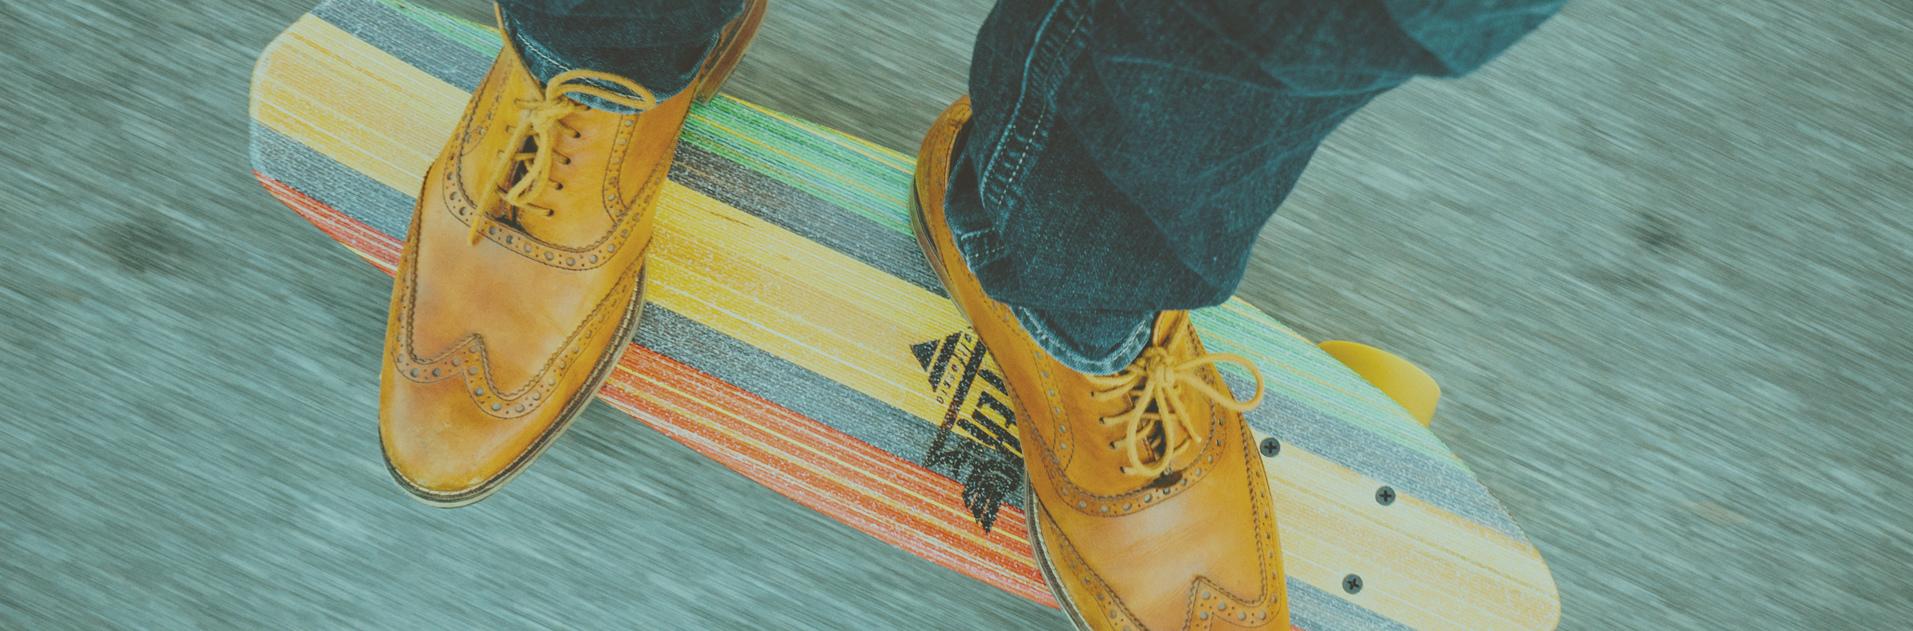 feet on a longboard